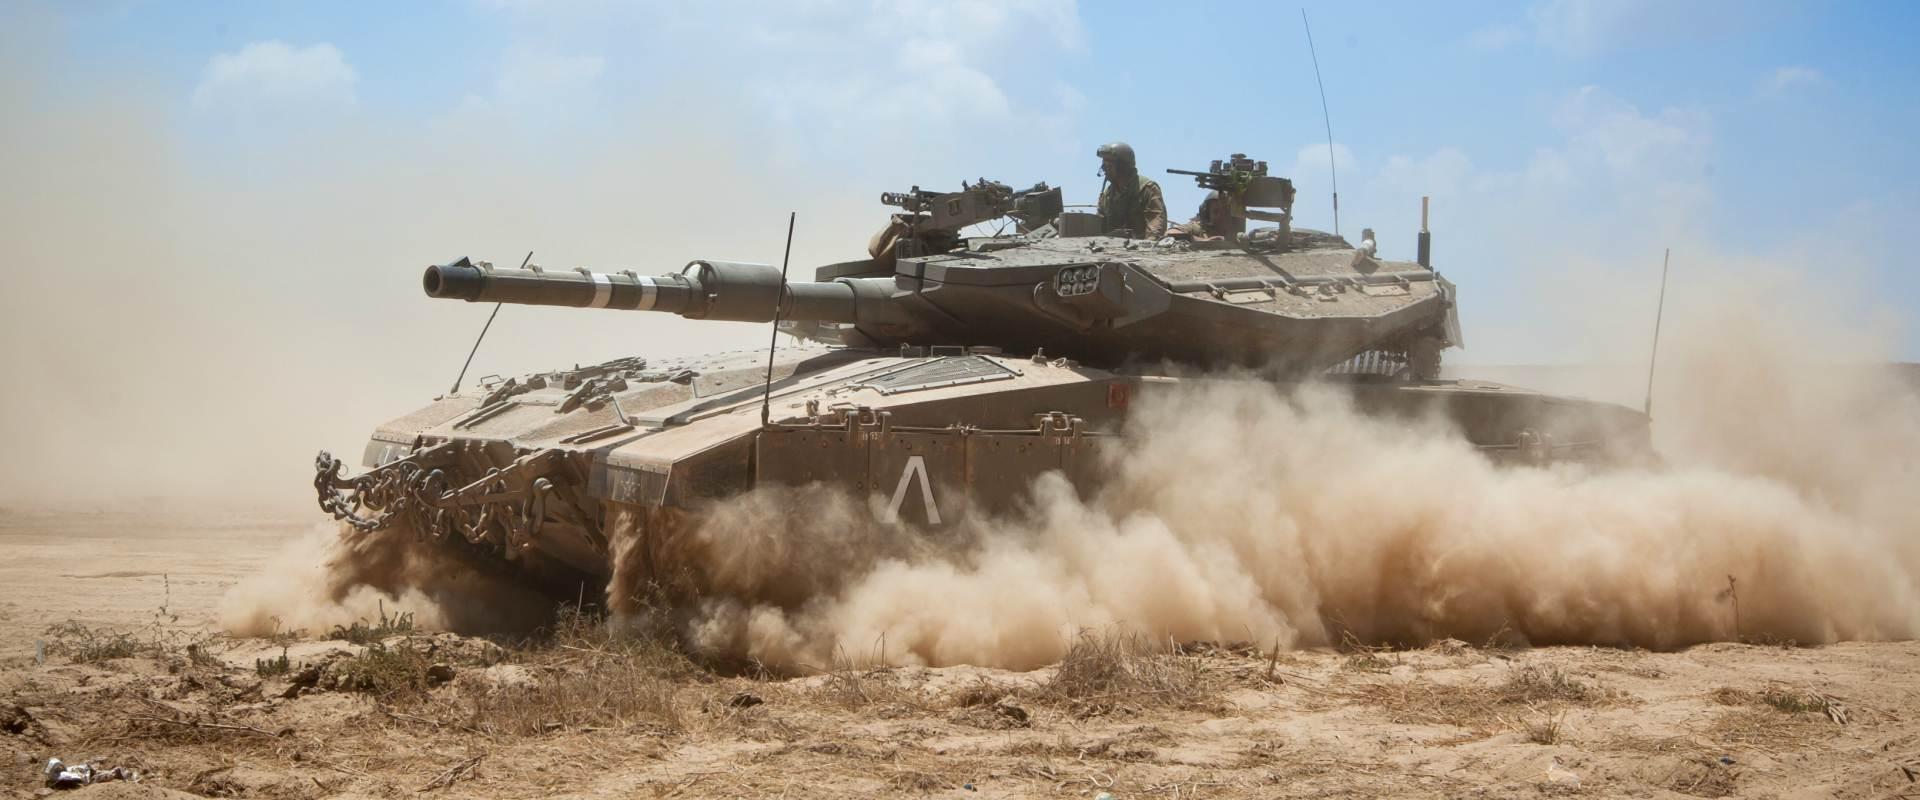 טנק מרכבה ליד רצועת עזה